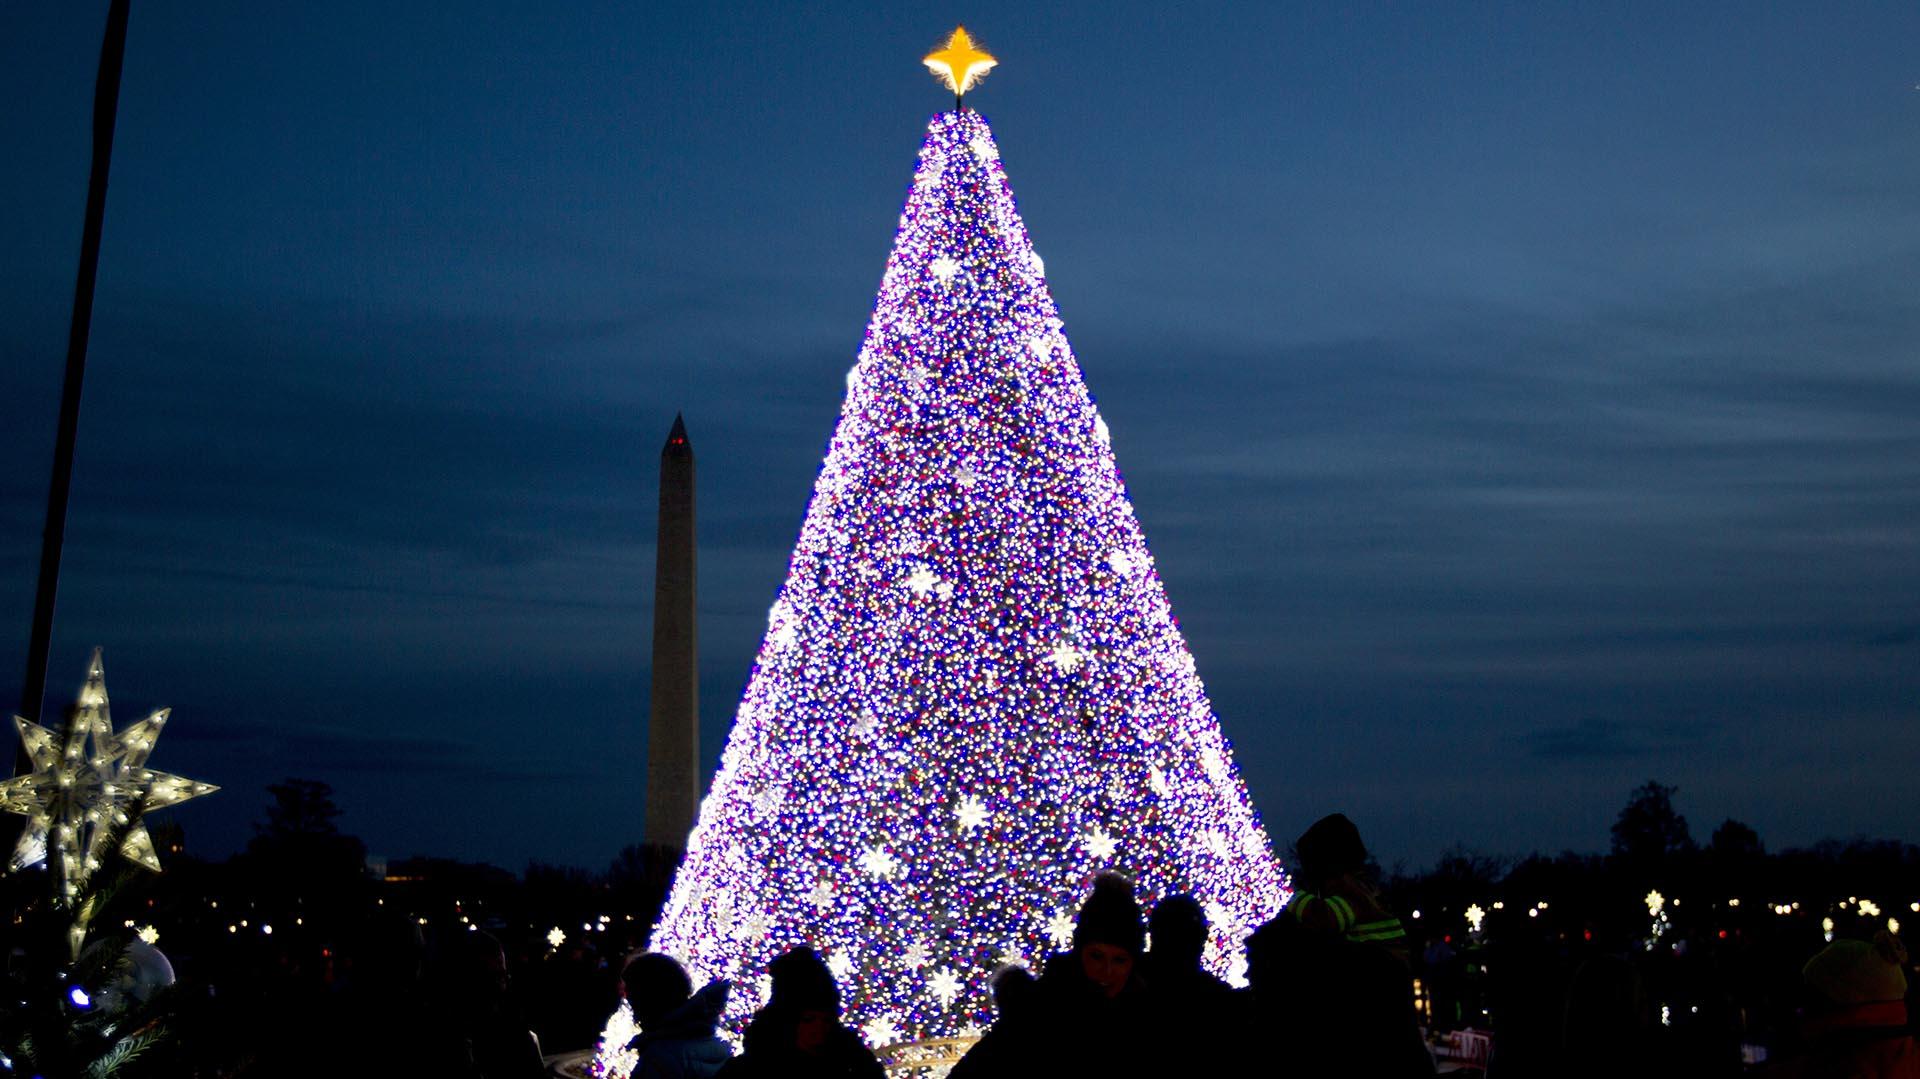 el rbol de navidad nacional con el monumento a washington detrs - Arbol De Navidad